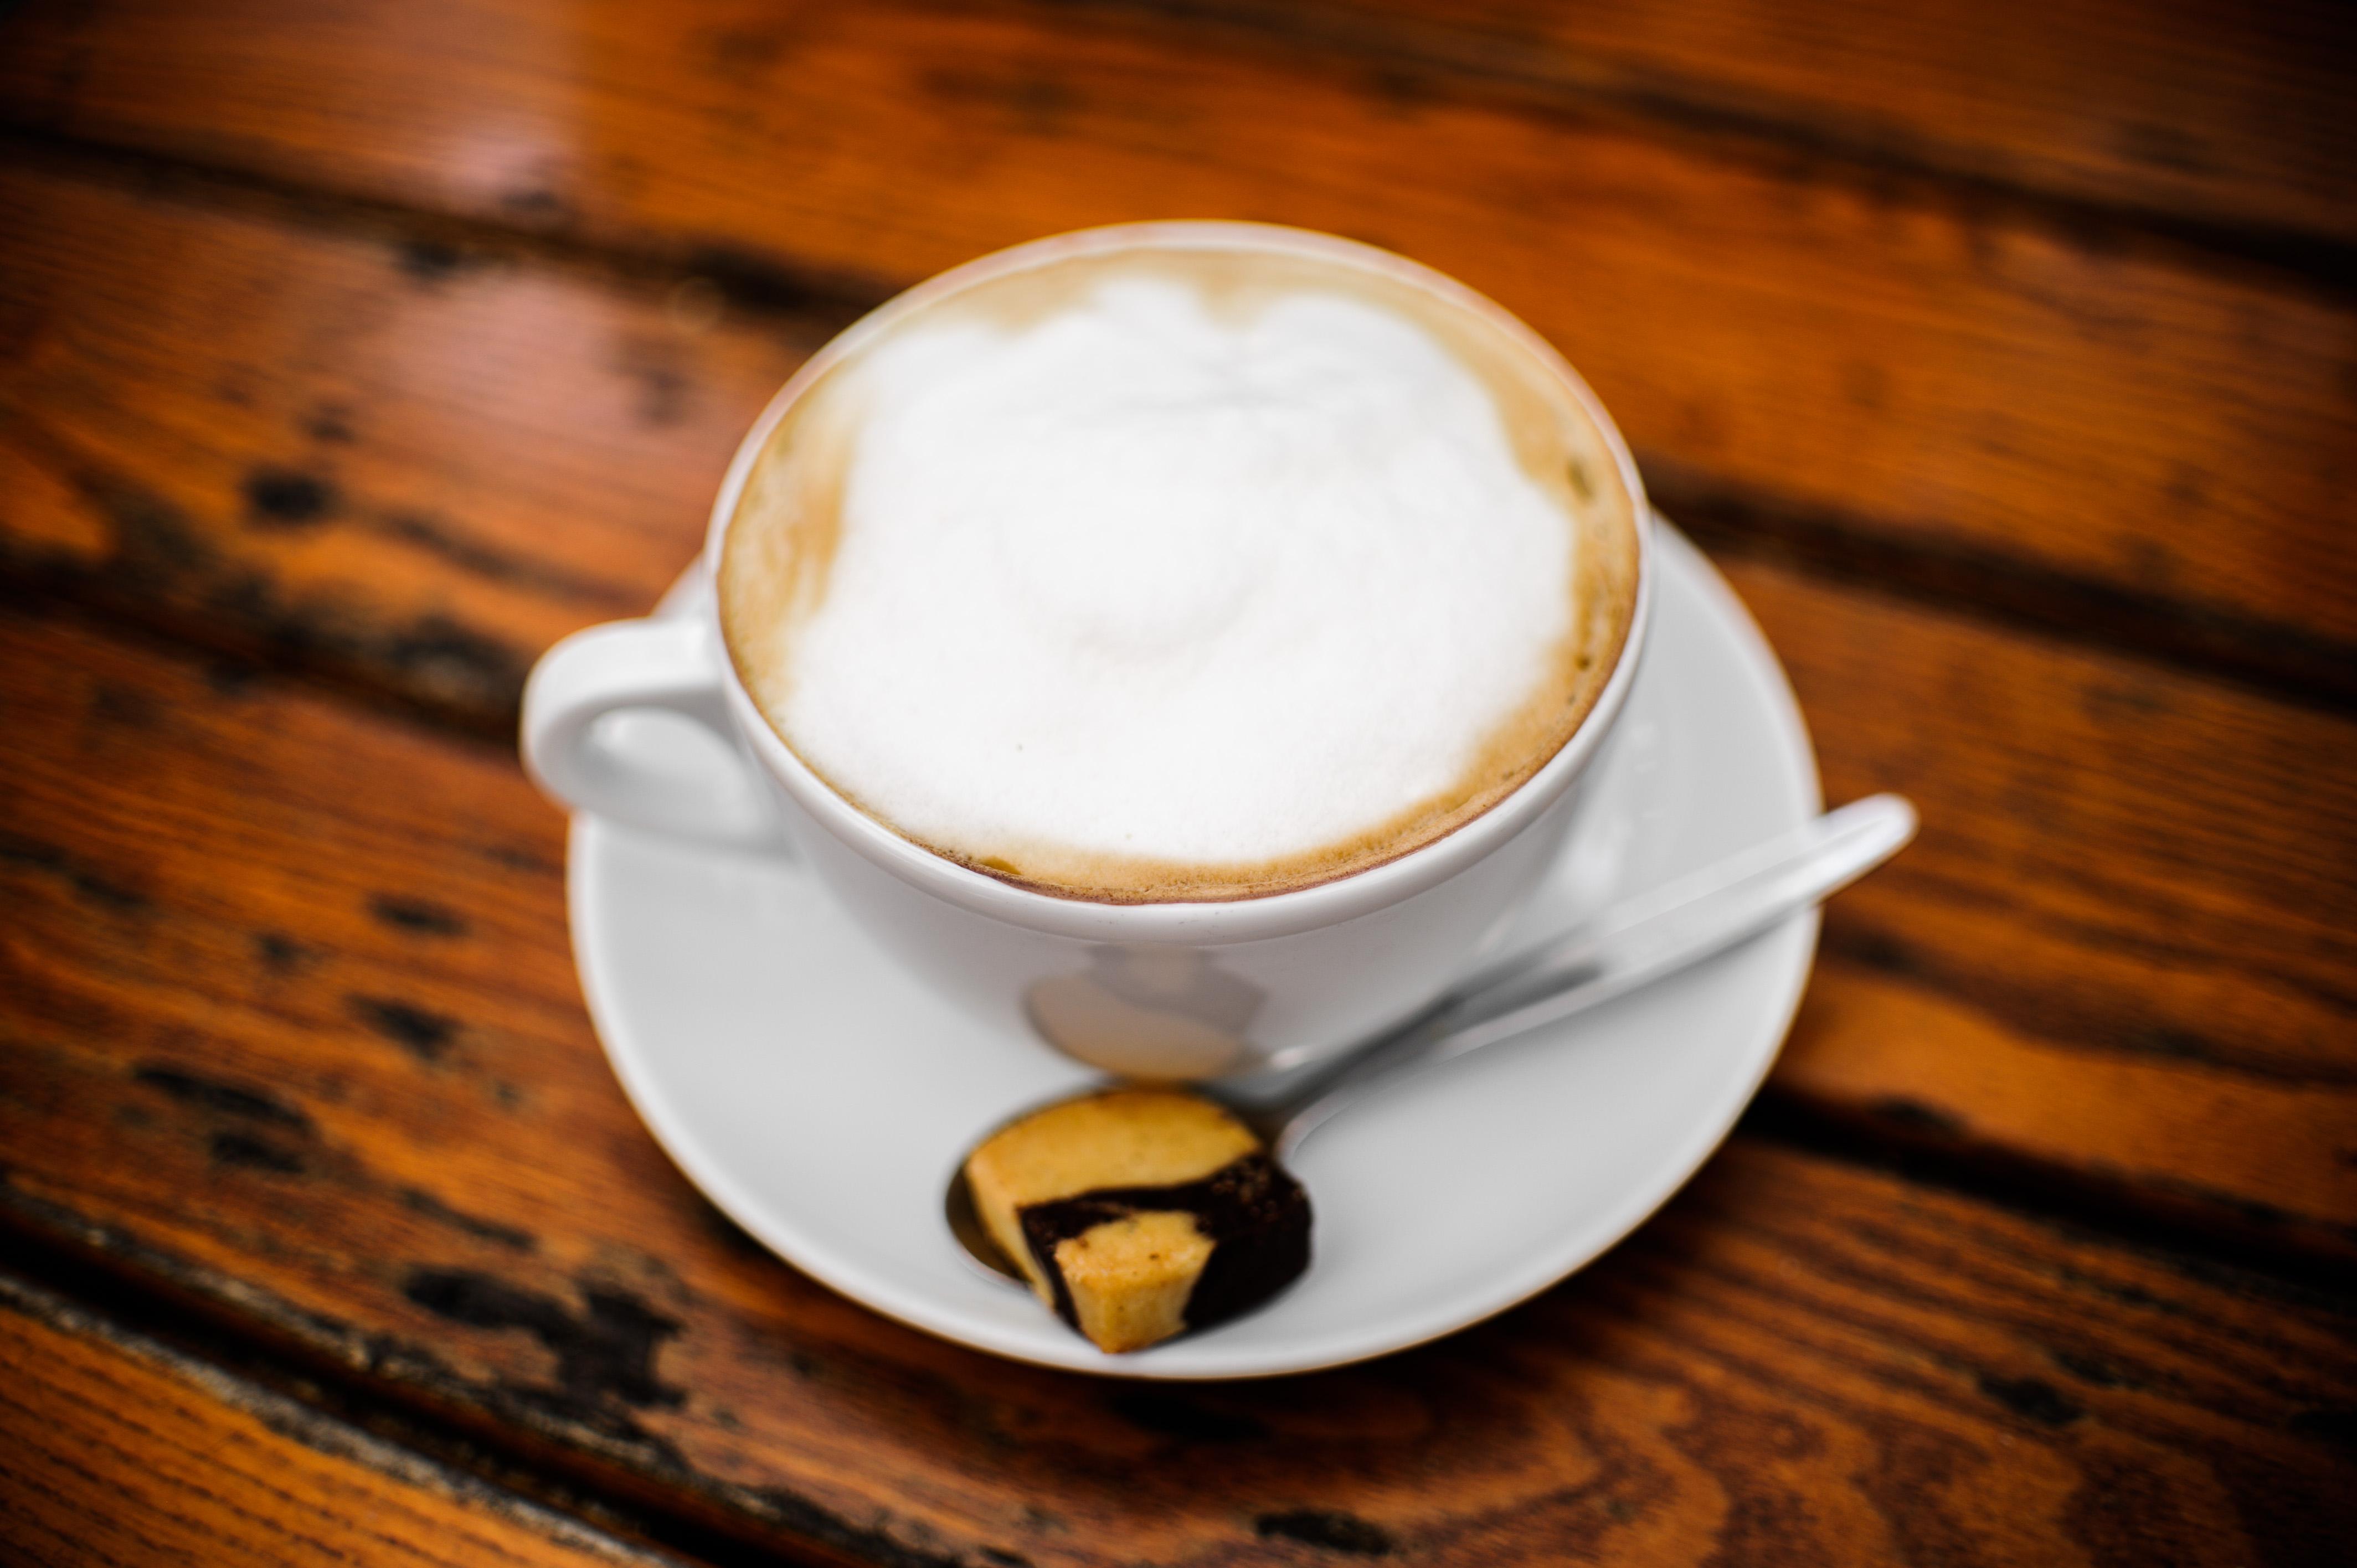 Így befolyásolja a férfiak erekcióját a reggeli forró kávé - Ripost